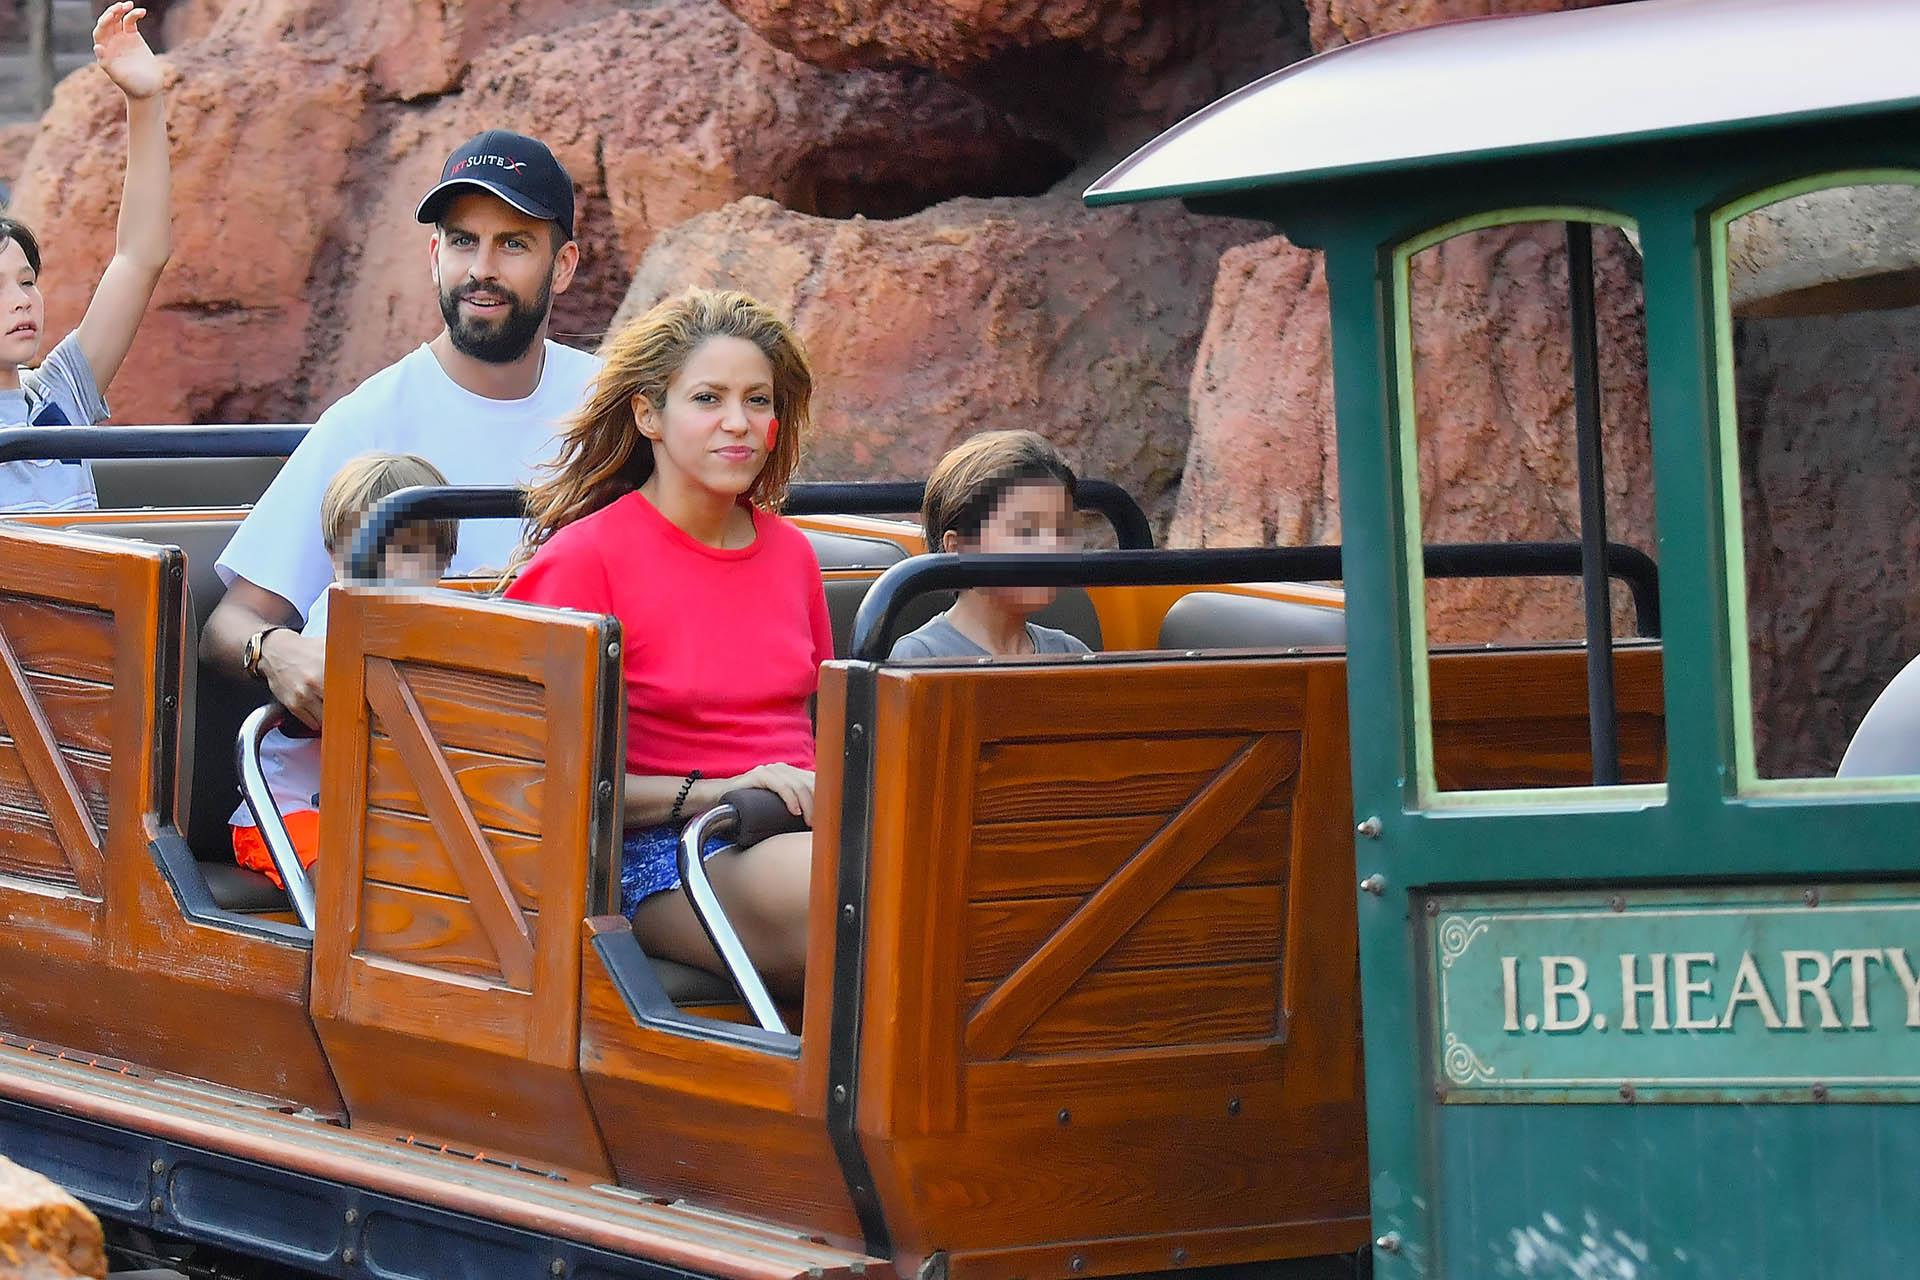 Gerard Piqué y Shakira disfrutaron de las atracciones de Disneyland con sus hijos Milan y Sasha en California (Photo © 2018 Mega/The Grosby Group)